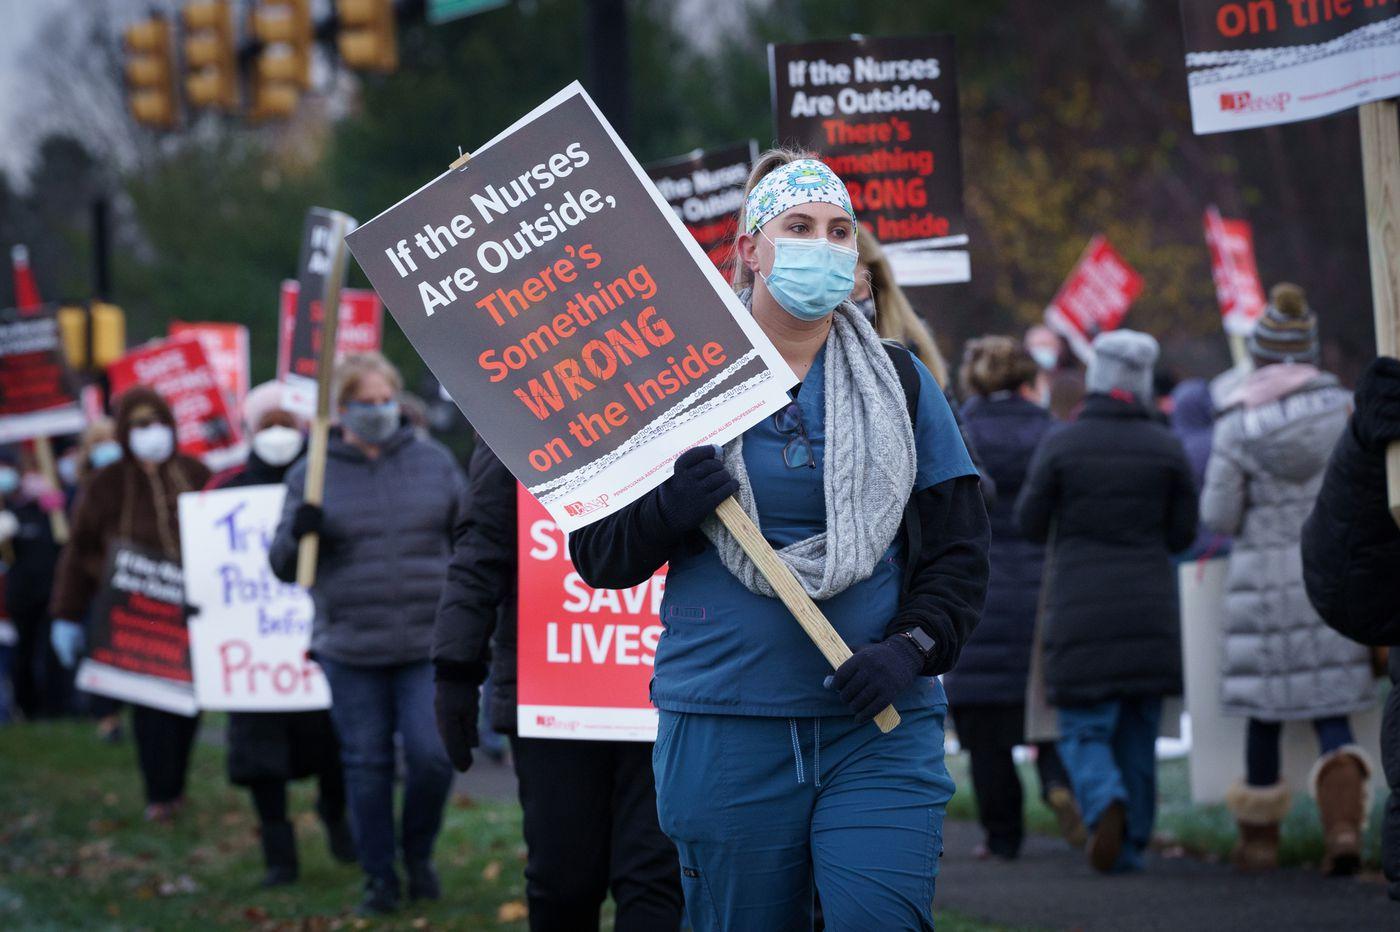 As coronavirus cases rise, 800 Bucks County nurses go on strike over 'dangerous' staffing levels